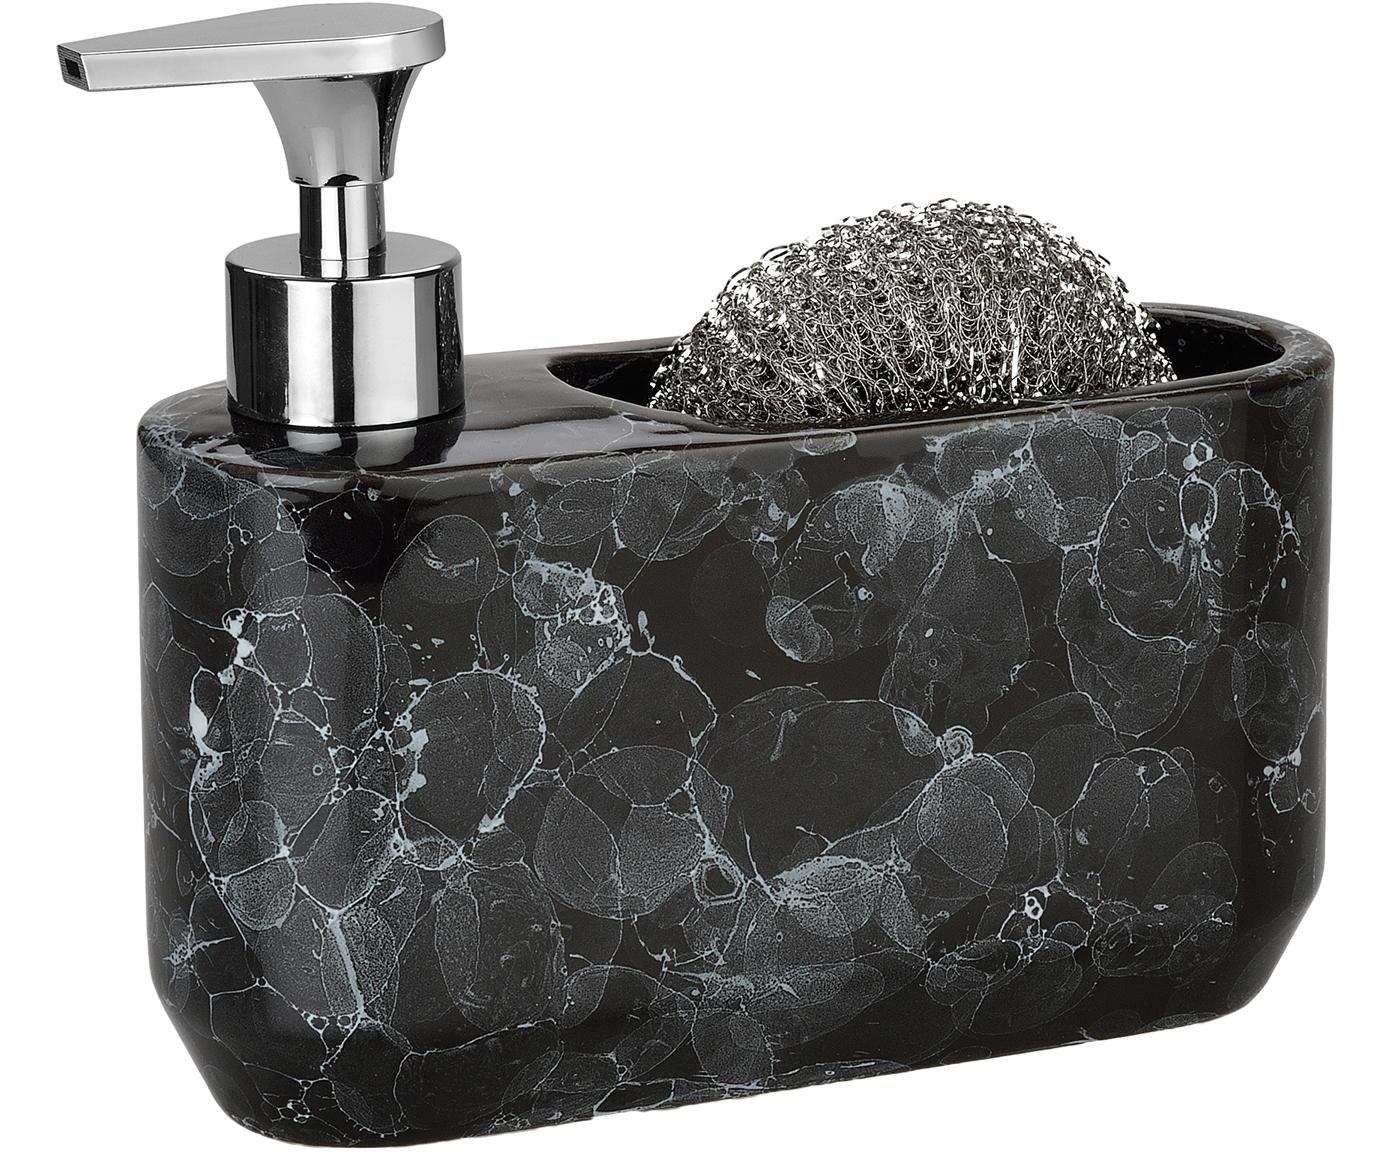 Komplet dozownika do mydła Bubble, 2 elem., Czarny, odcienie srebrnego, S 19 x W 16 cm